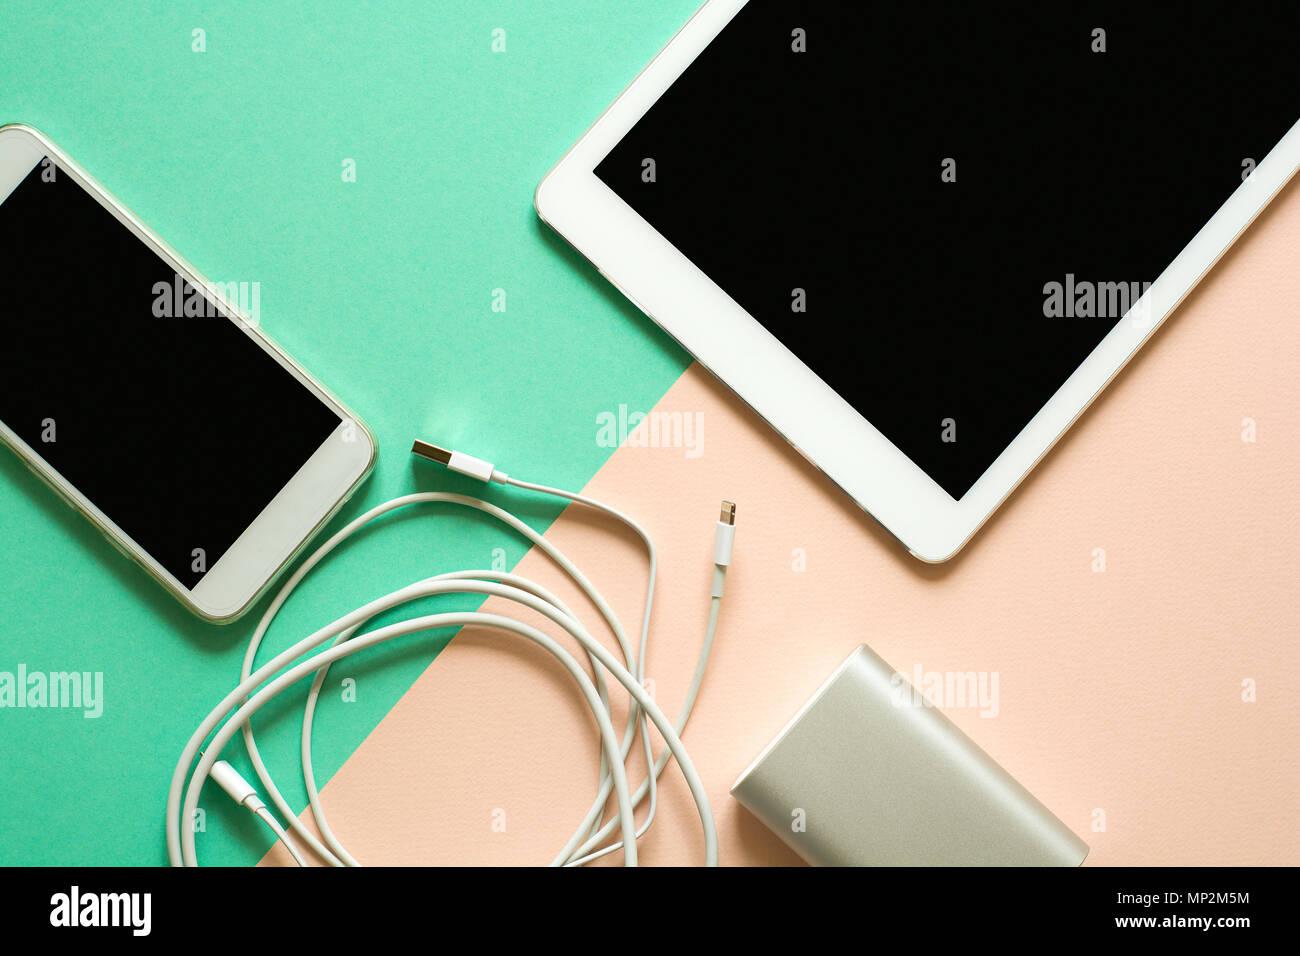 Verführerisch Smart Bank Galerie Von Phone, Tablet And Power On Paper Background.